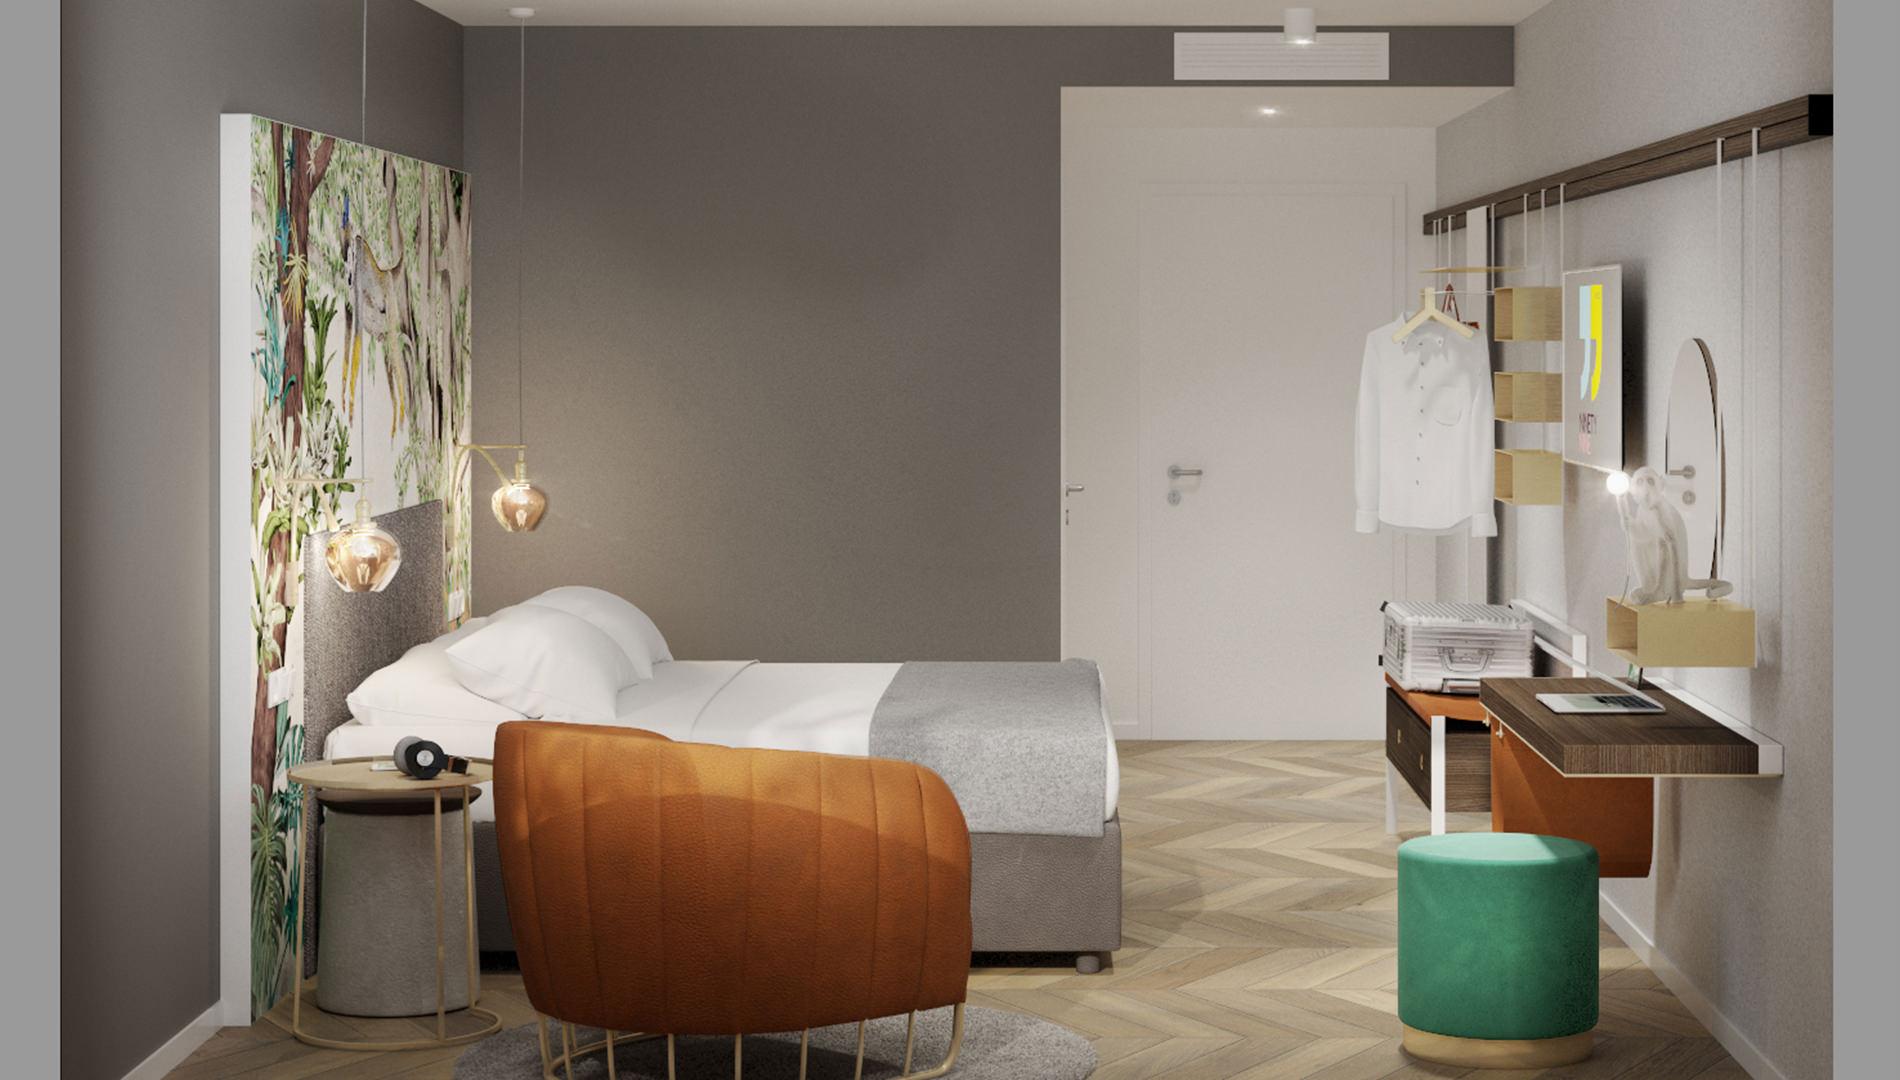 Destinationsentwicklung Ninety Nine Hotels Wuppertal Hotel Design Hotelzimmer Bett Schreibtisch Going Places